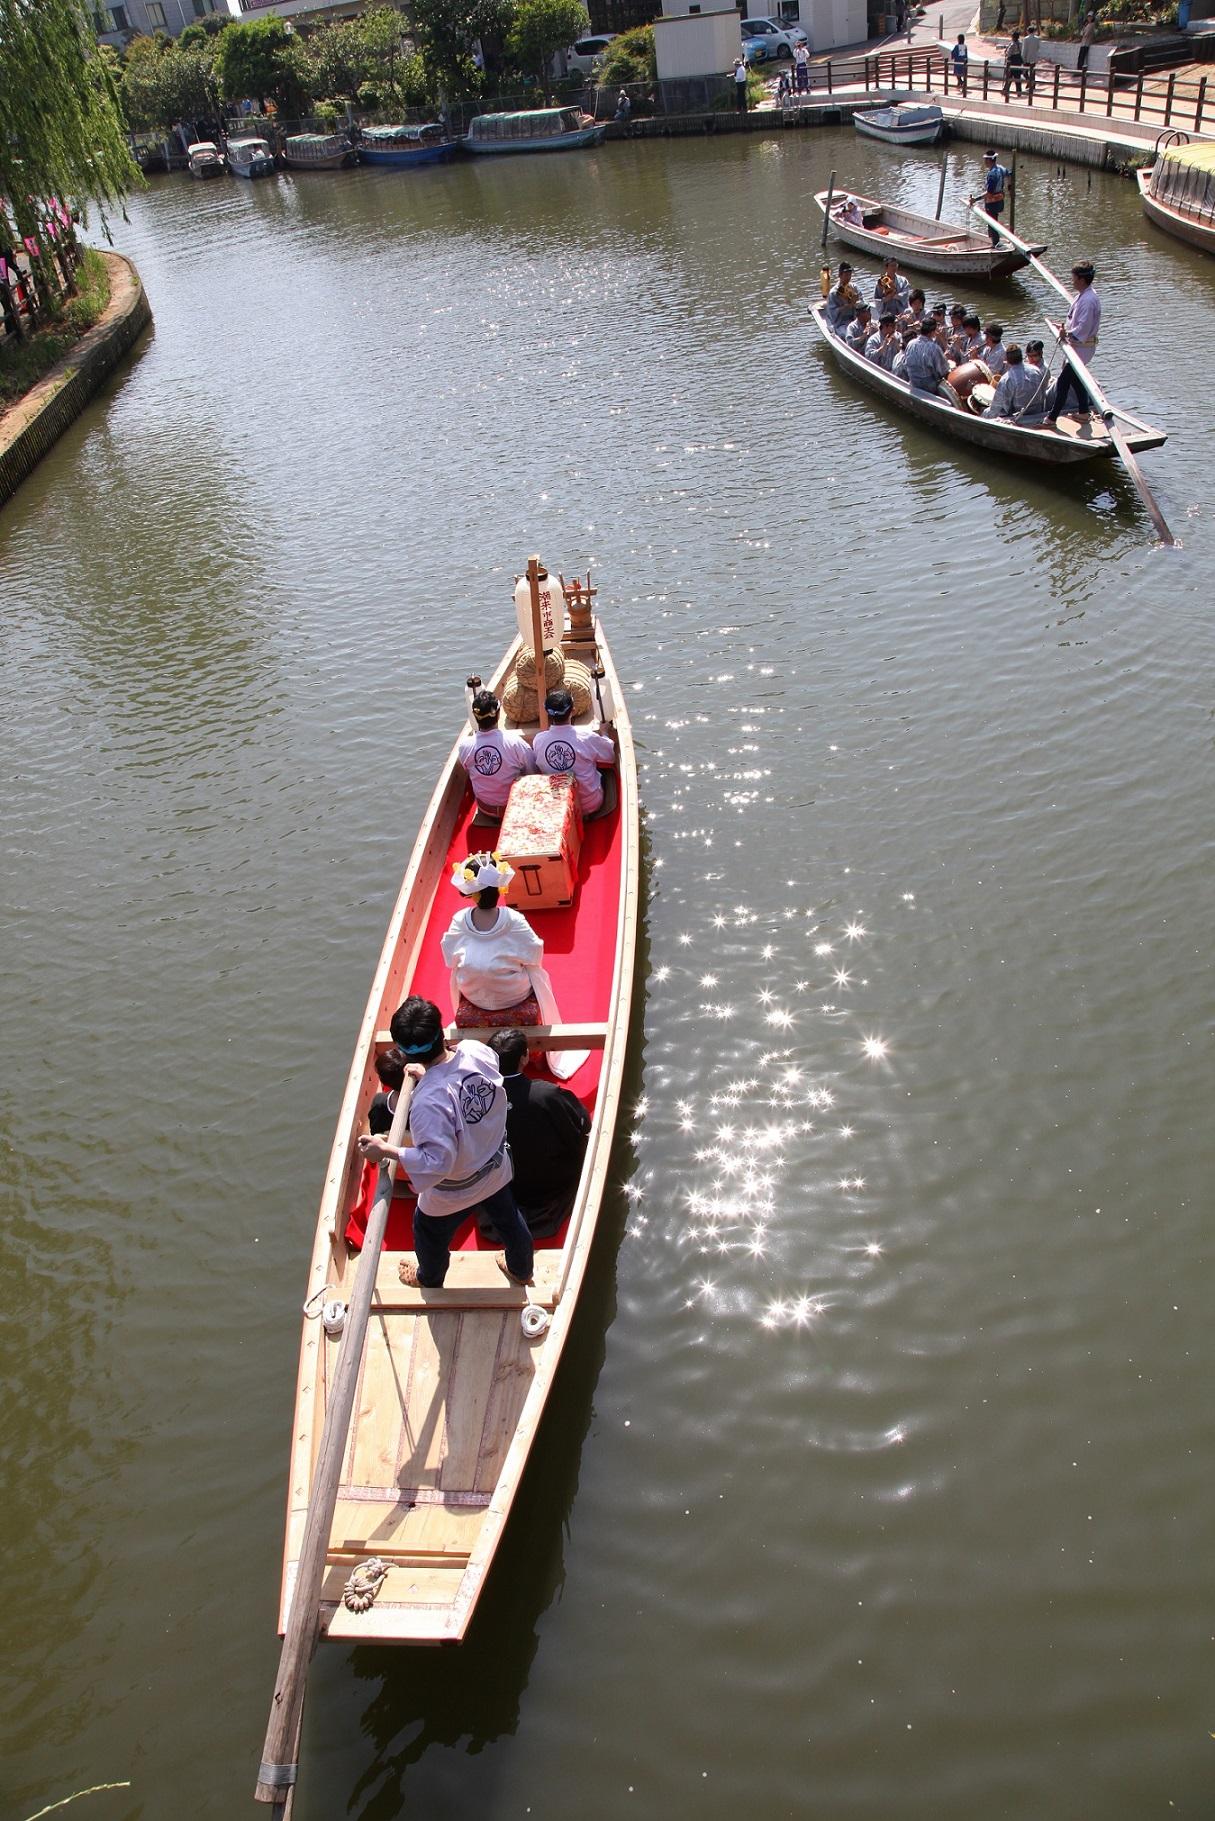 嫁入り舟1